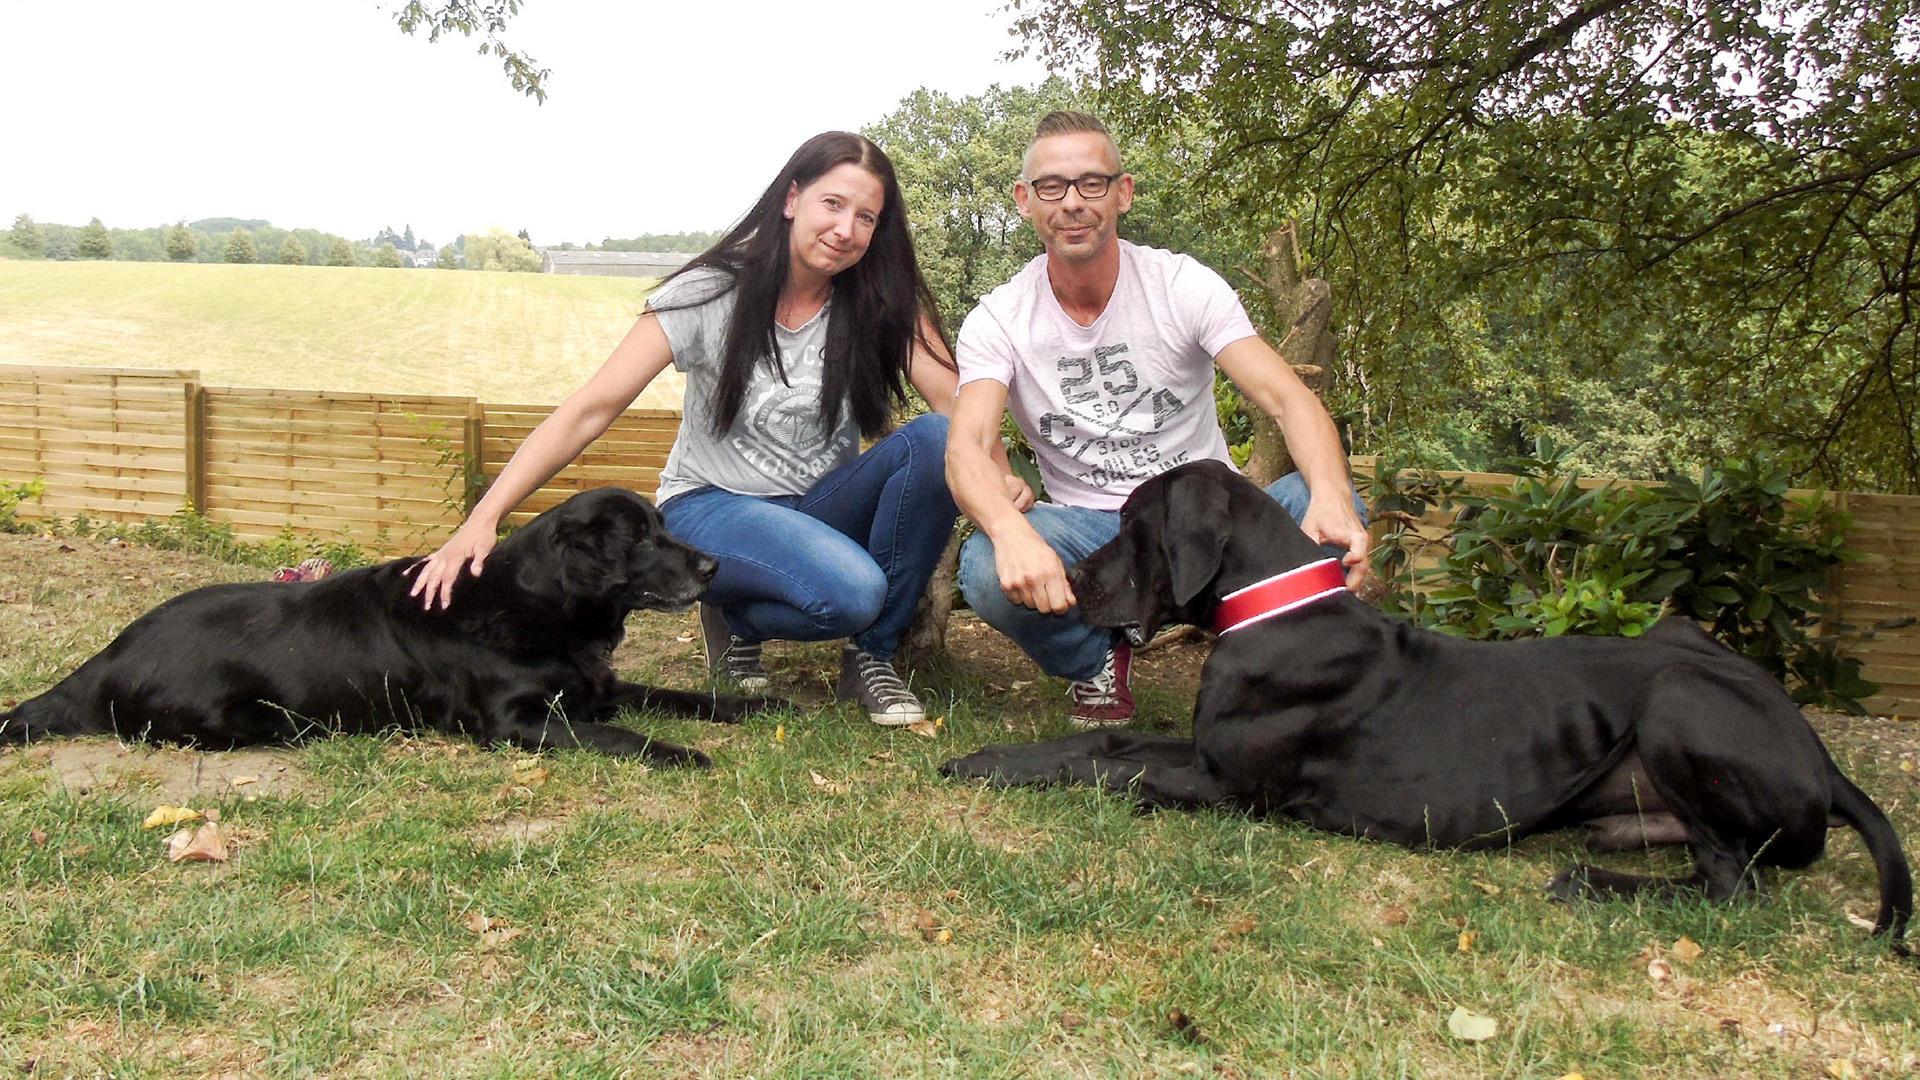 Heute u.a. mit: Julia & Matthias mit der Deutschen Dogge Luke   Folge 5